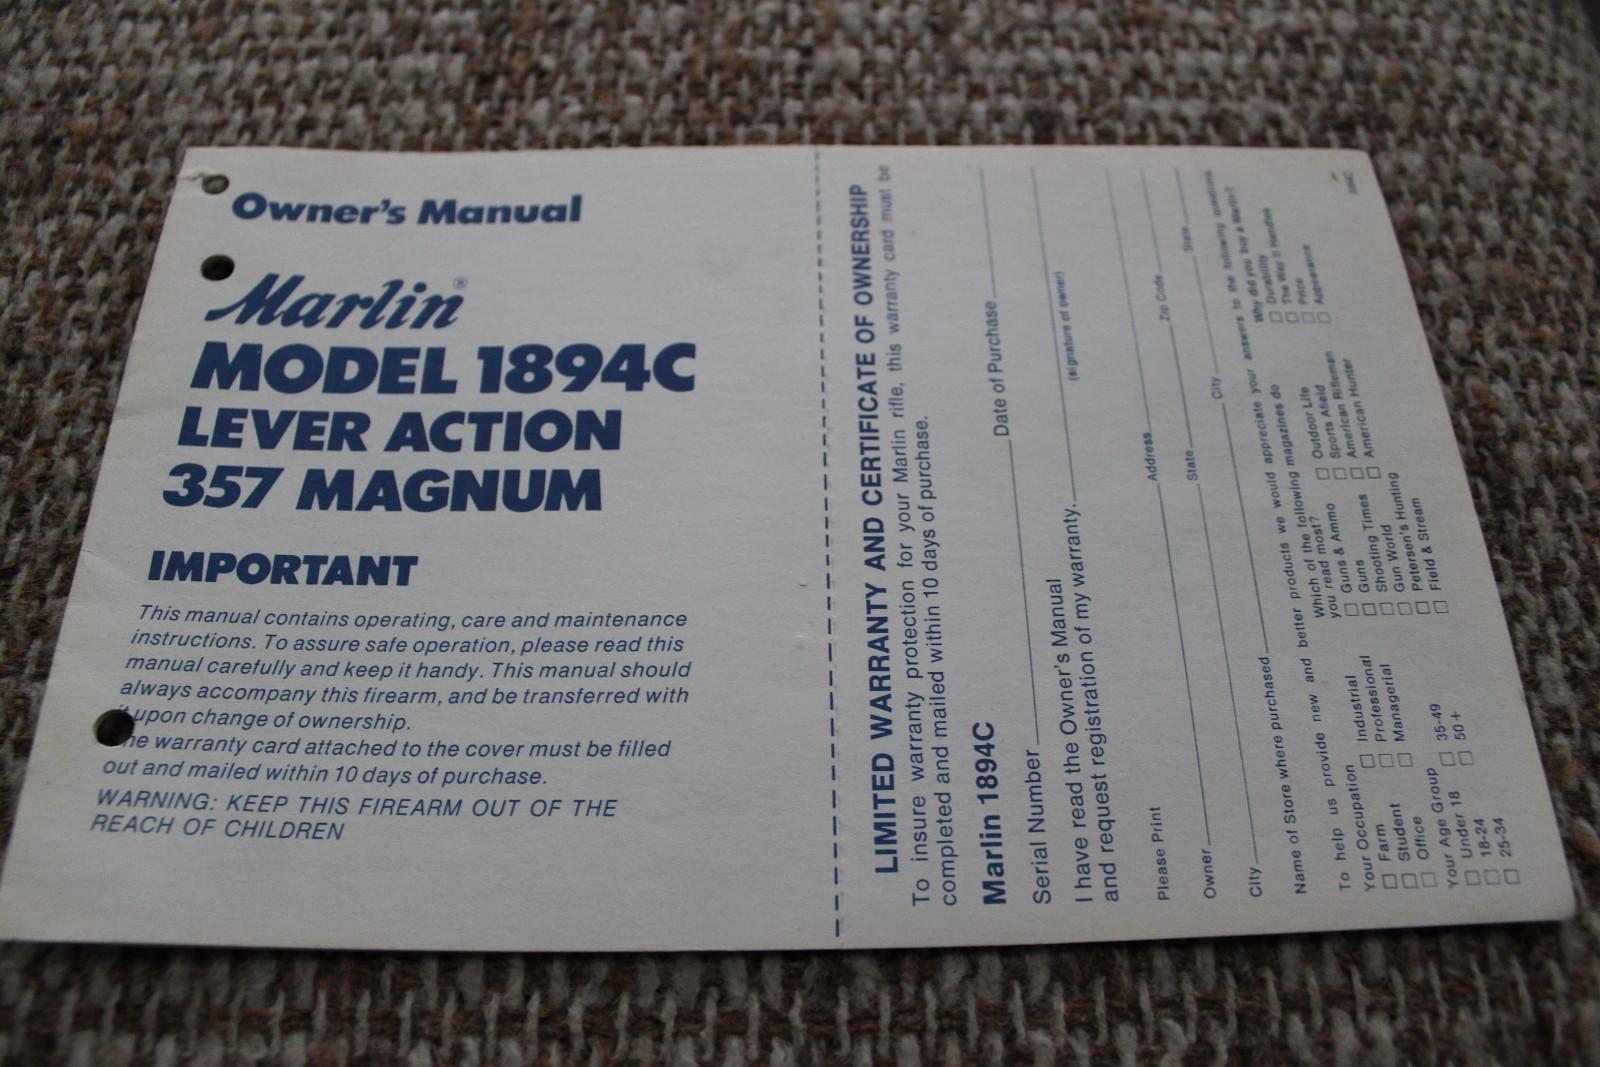 Original Marlin mod. 1894C instruksjons og deleliste - Sandnes  - Original instruksjons og deleliste til Marlin mod. 1894C kal. 357 Magn. Frakt kommer i tillegg med kr. 25,-. - Sandnes